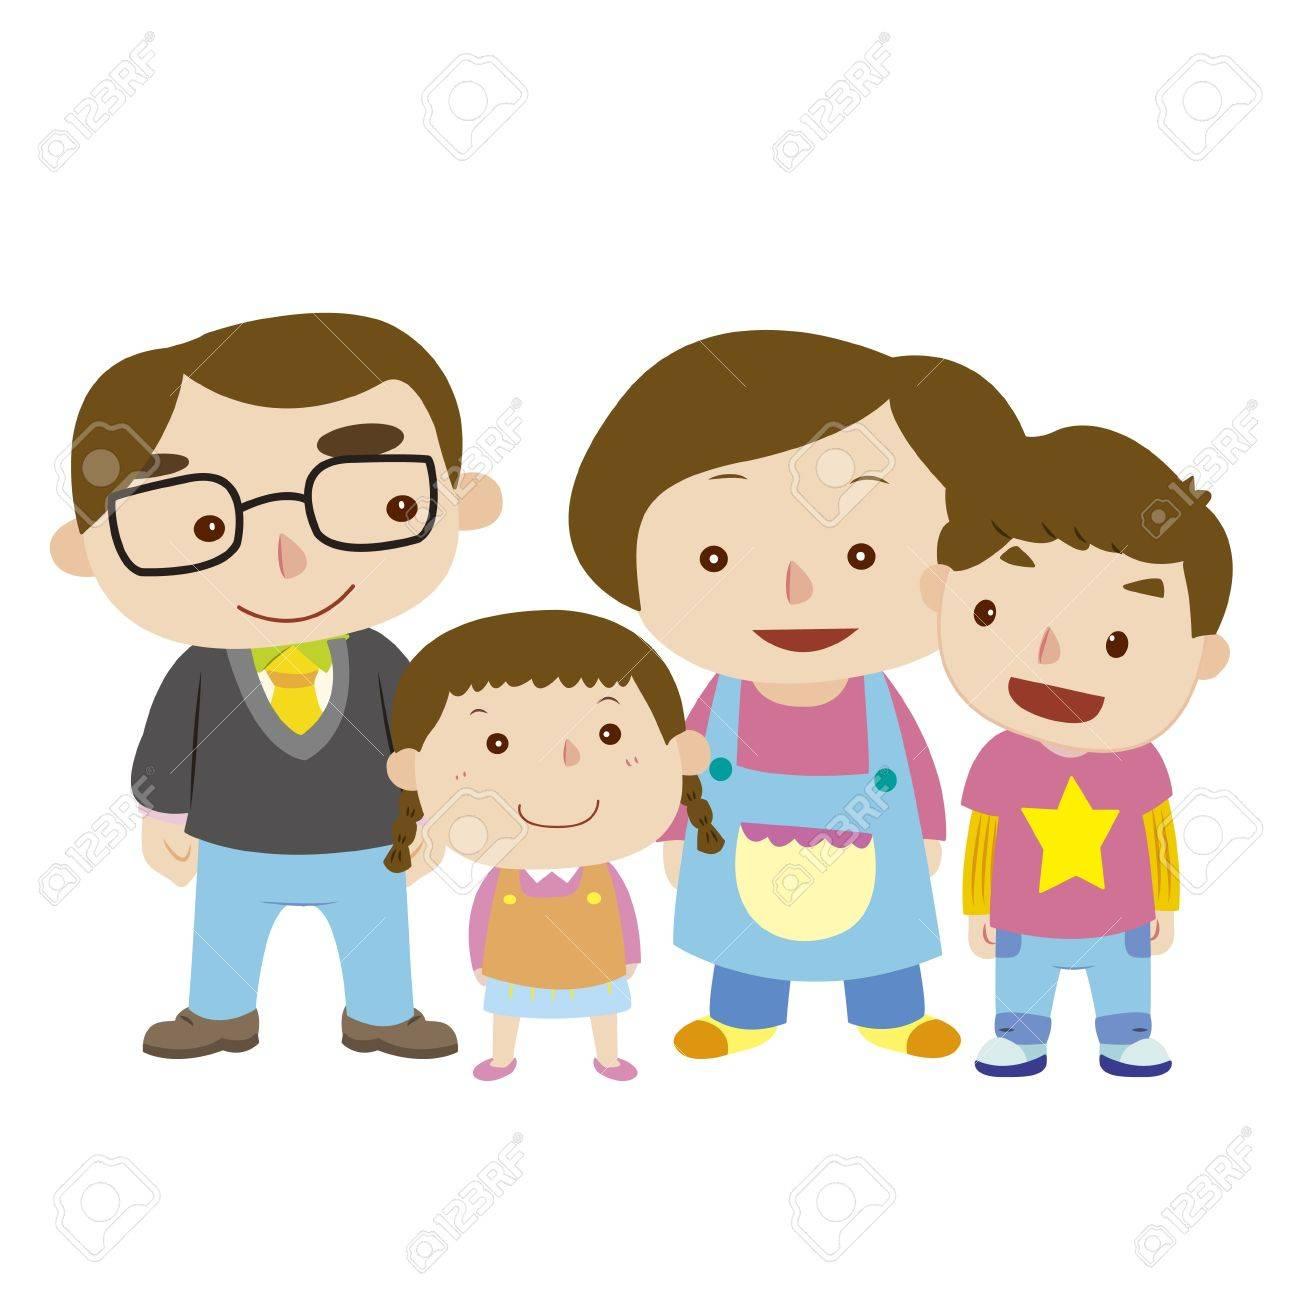 白ベクトルでかわいい家族のイラストのイラスト素材ベクタ Image